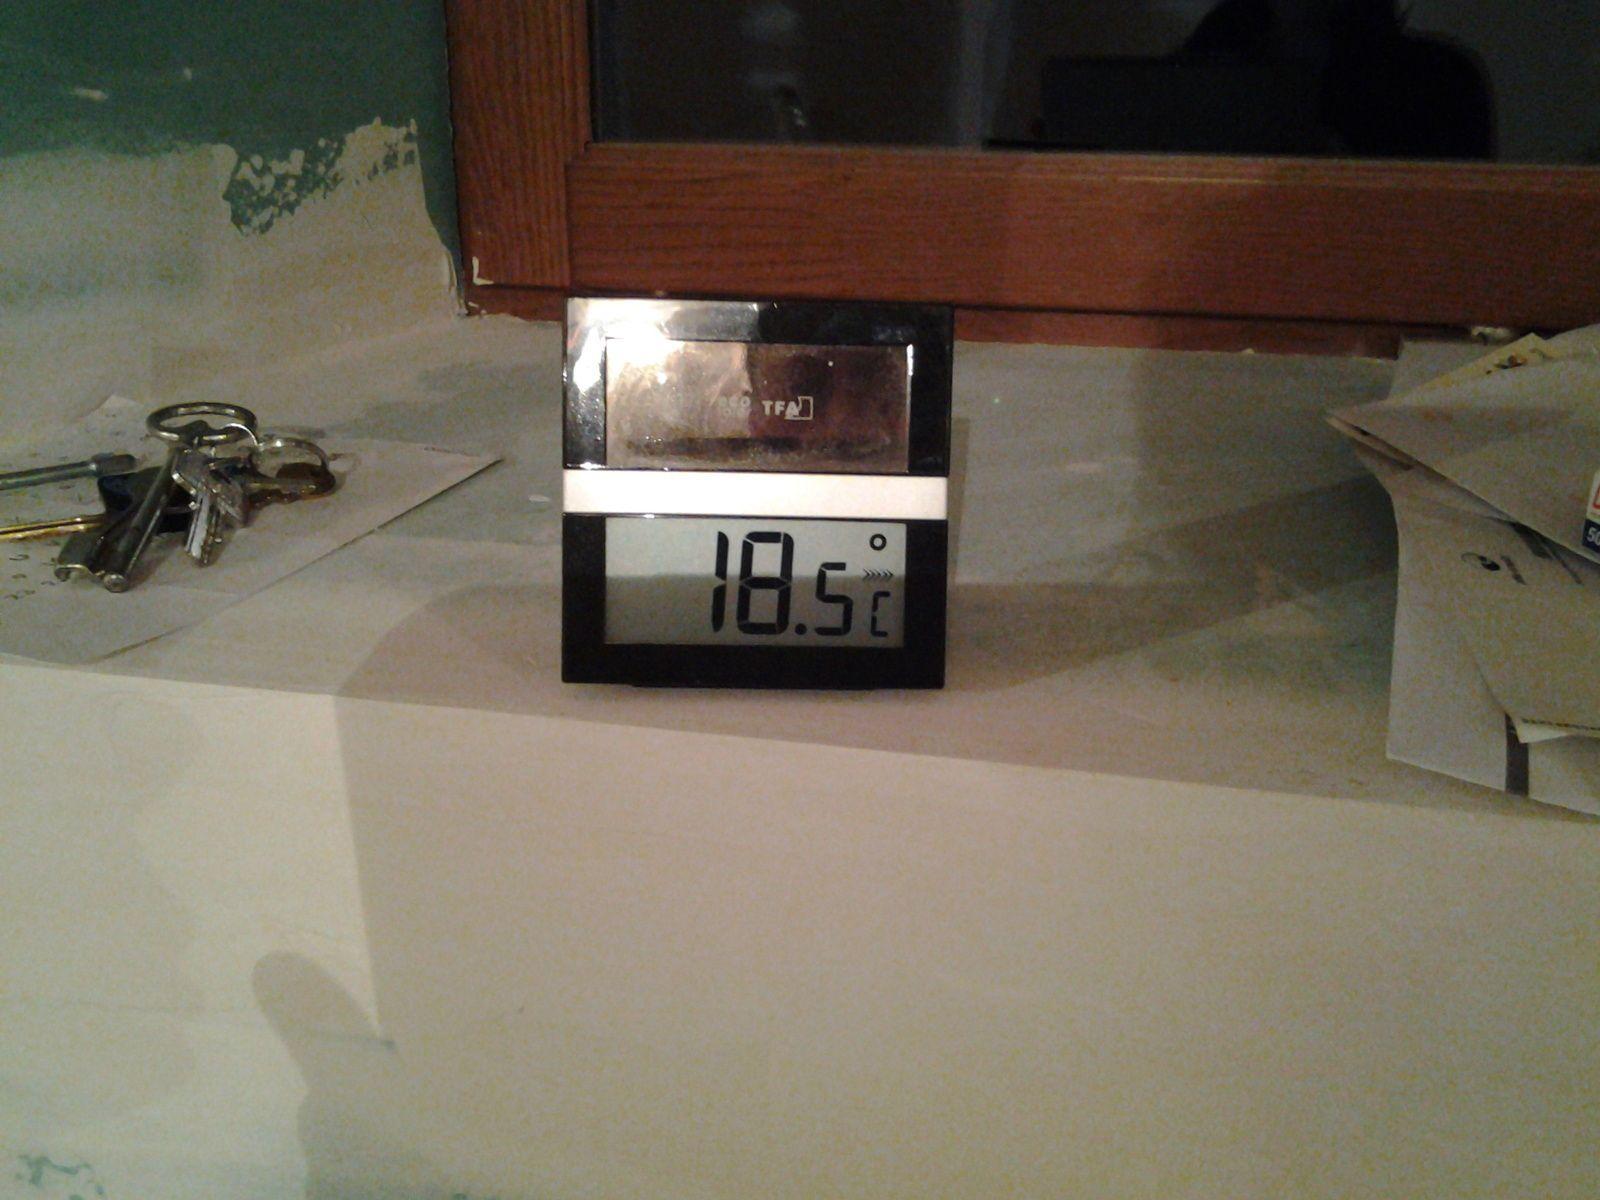 Le radiateur a inertie 2000w branché mais pas encore poser nous rechauffe bien. Nous n'avons pas eu froid pour notre première nuit.